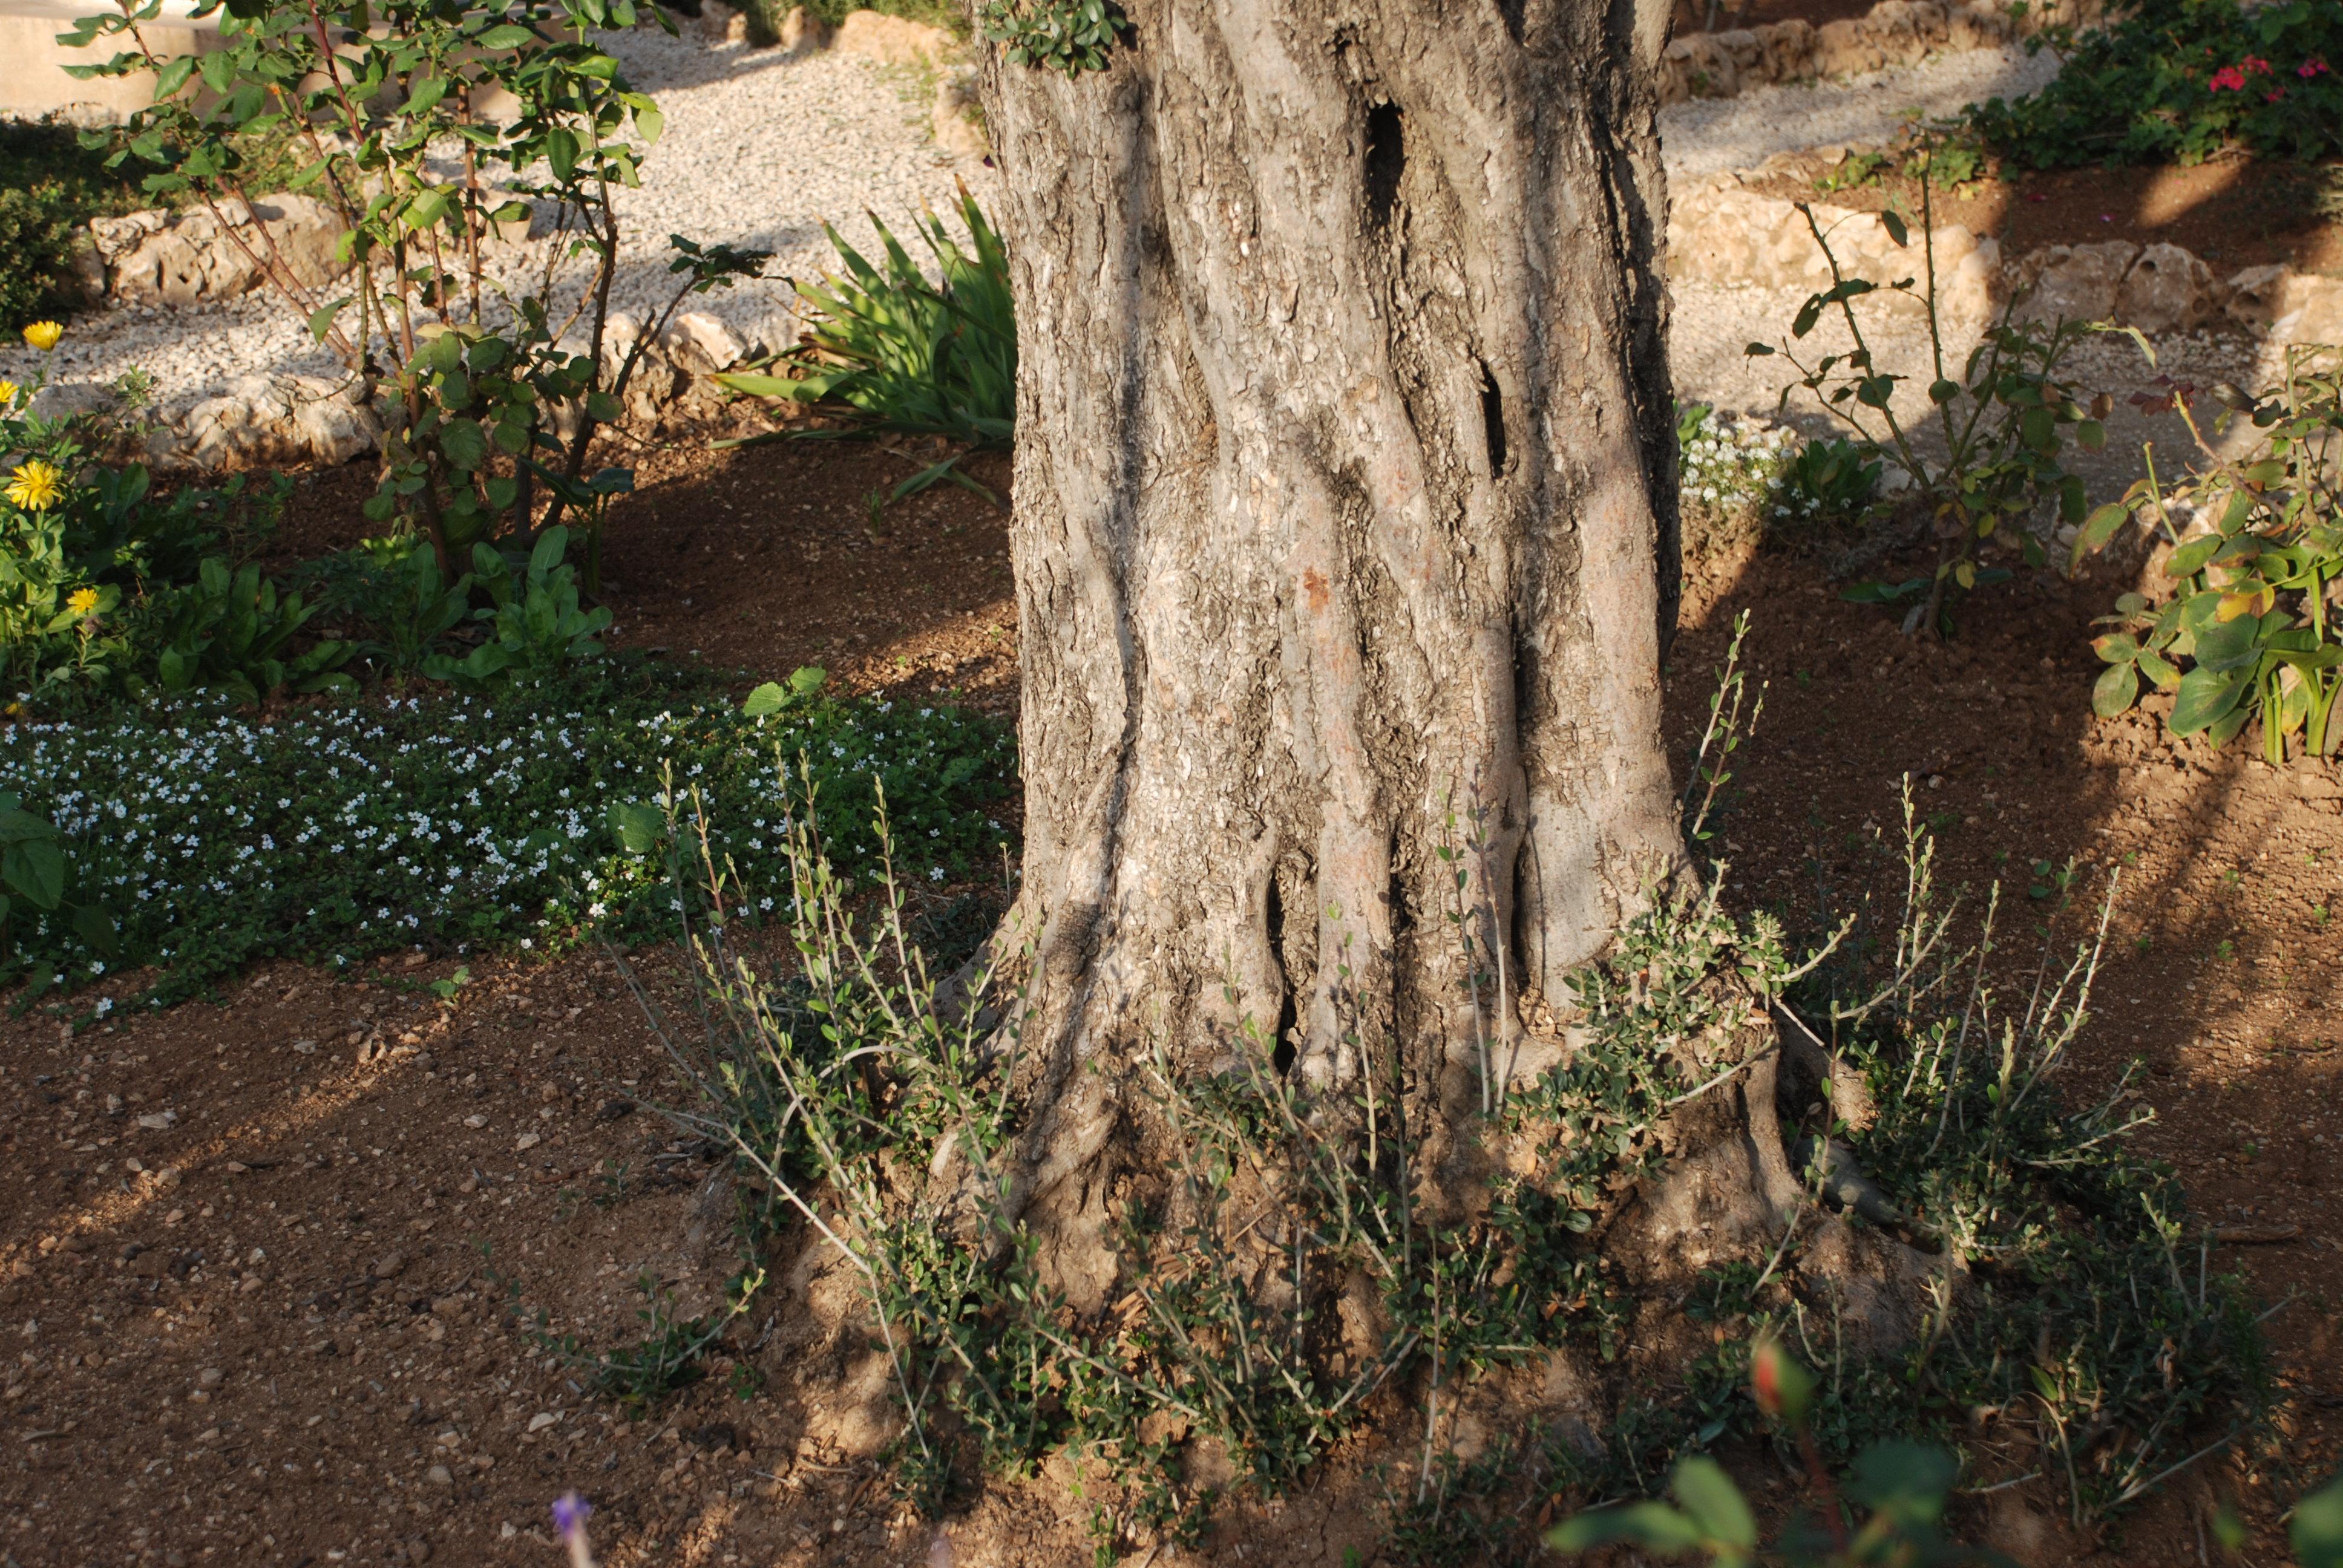 上图:客西马尼园古老的橄榄树根部所发出的橄榄栽子。橄榄树的生命力很强,几百、上千年的橄榄树,根部也能发出嫩枝。